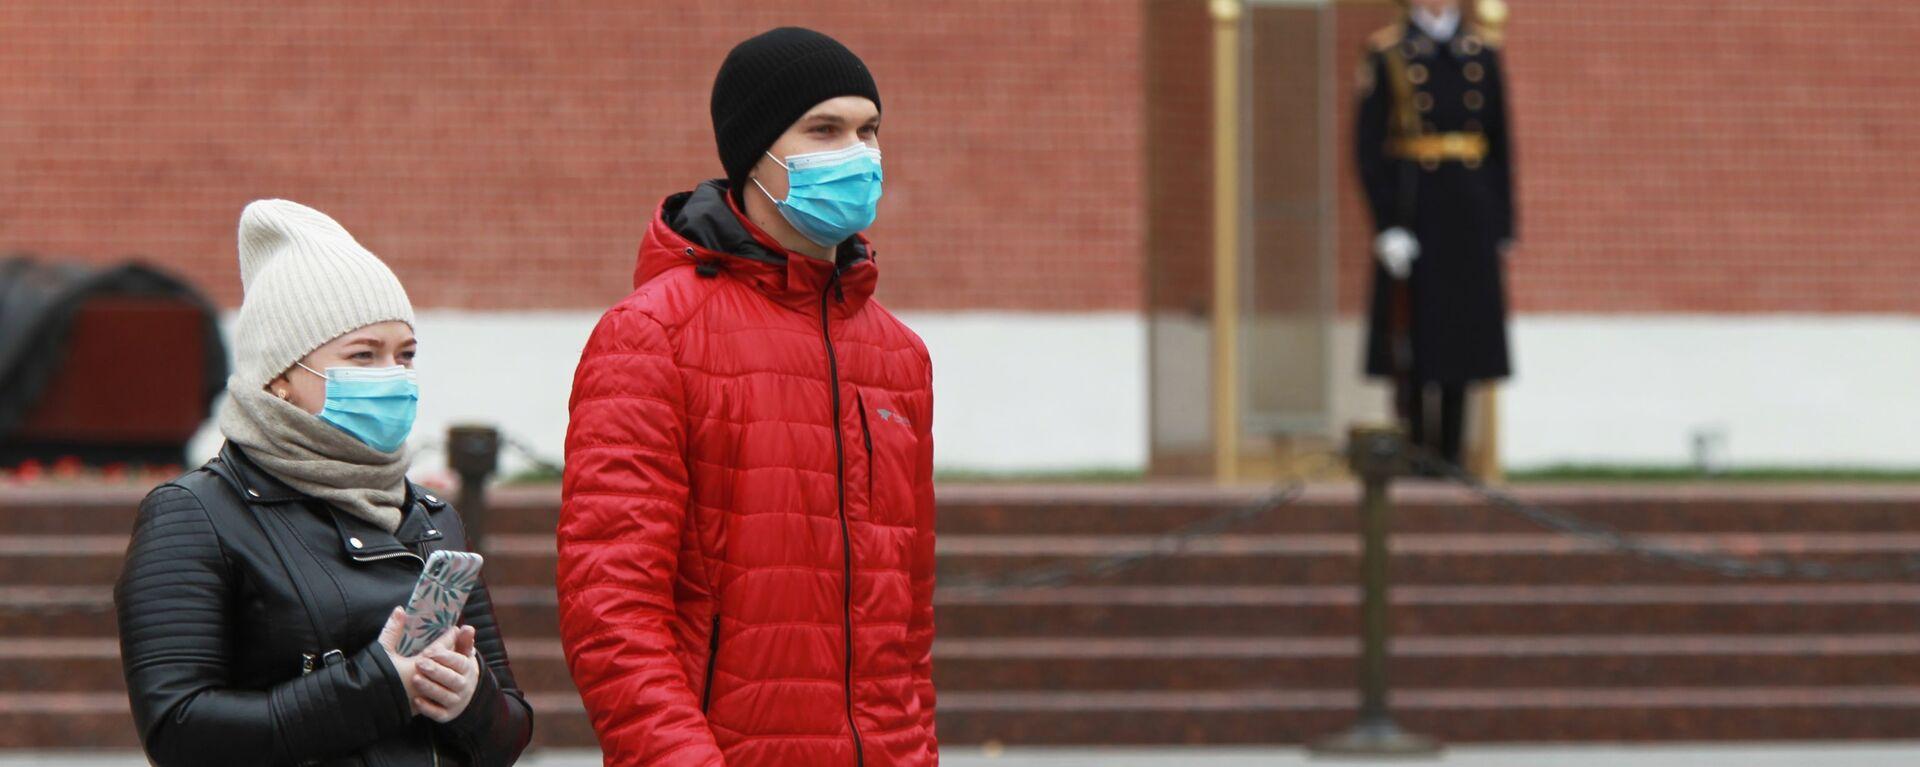 Coronavirus in Russia - persone in maschere protettive nel giardino Alexandrovsky a Mosca - Sputnik Italia, 1920, 27.04.2021